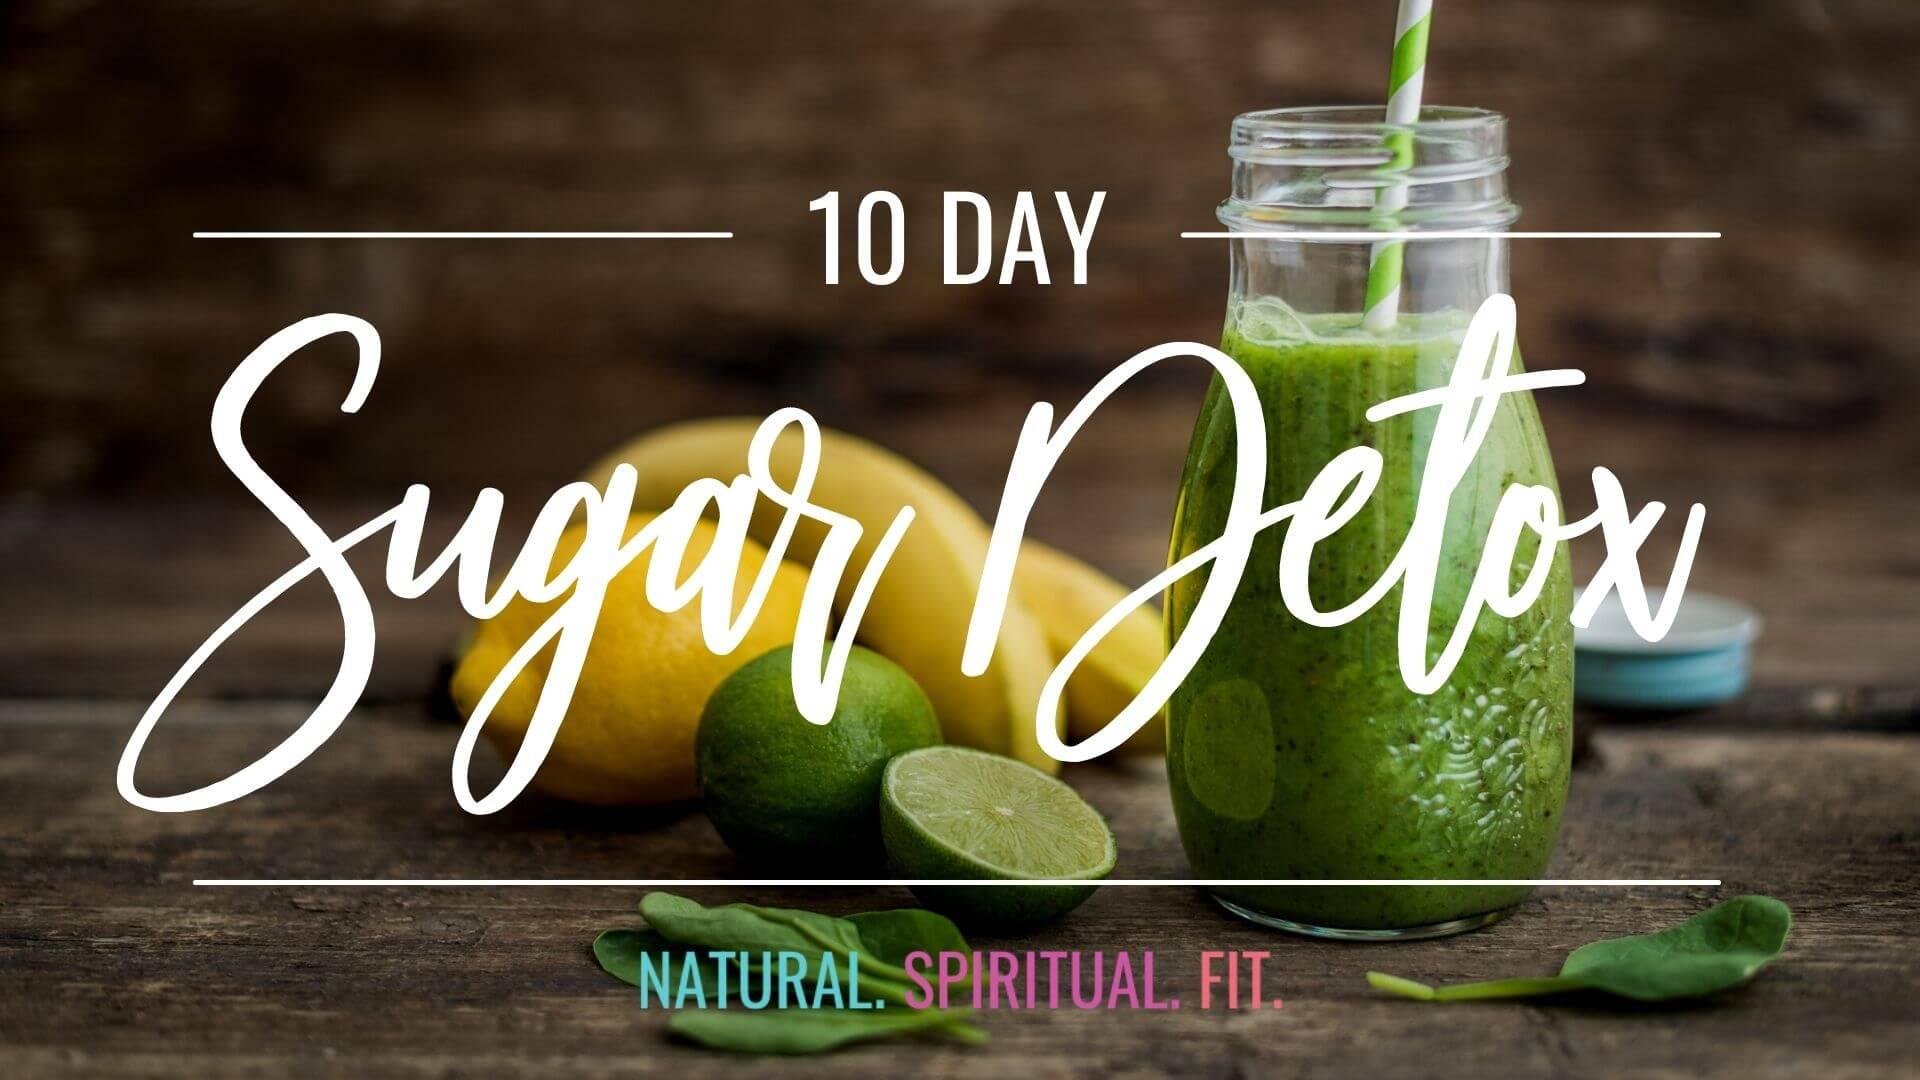 10 Day Sugar Detox-Natural Spiritual Fit